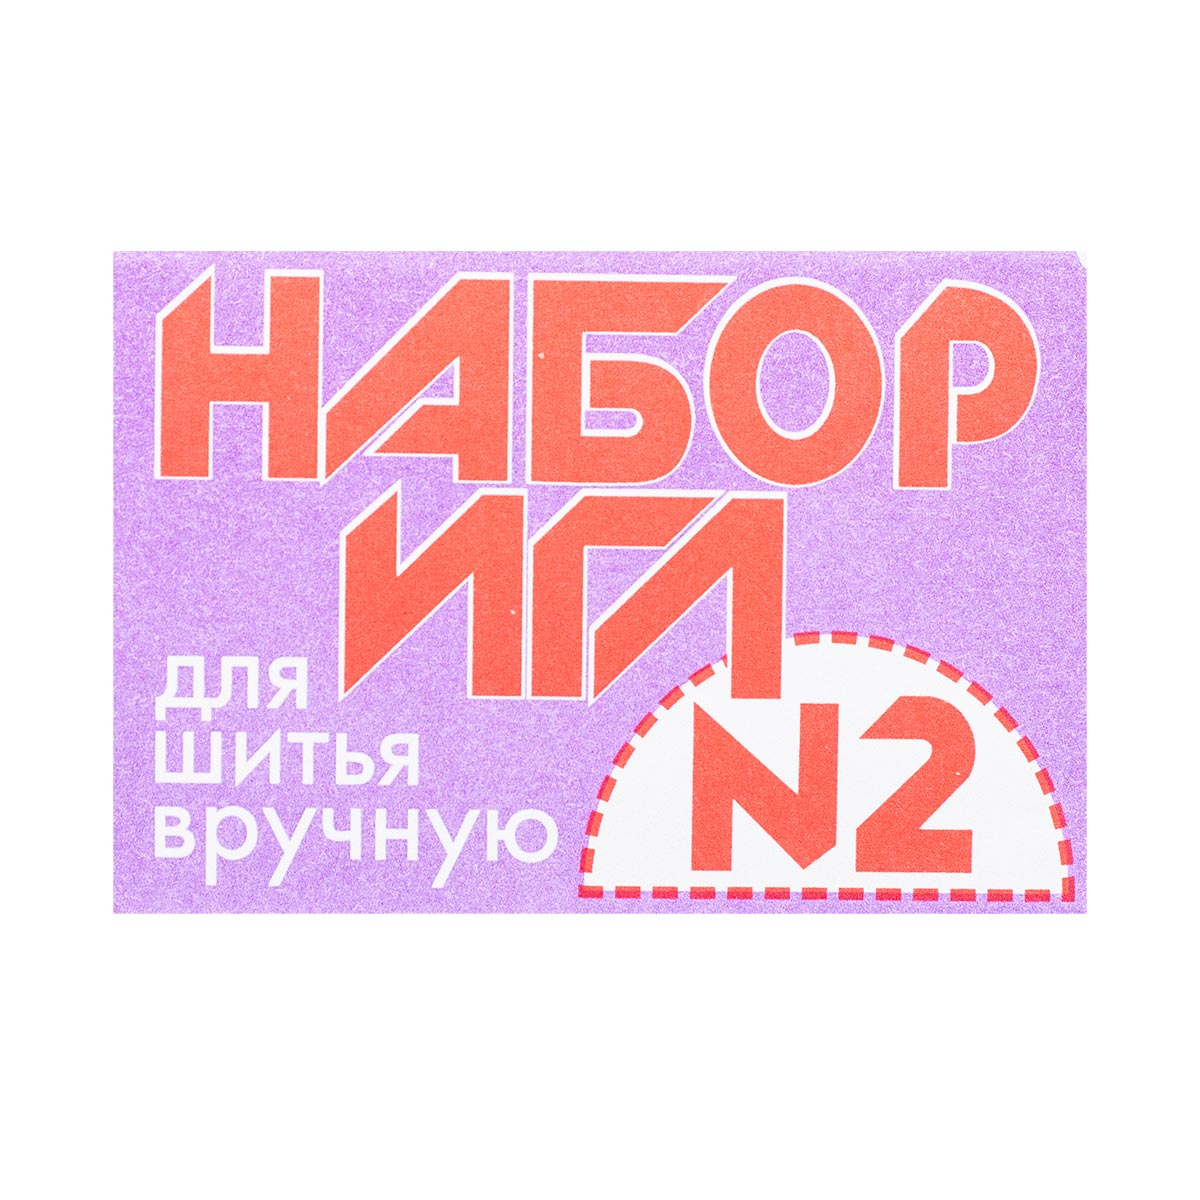 иглы для шитья вручную С27-275